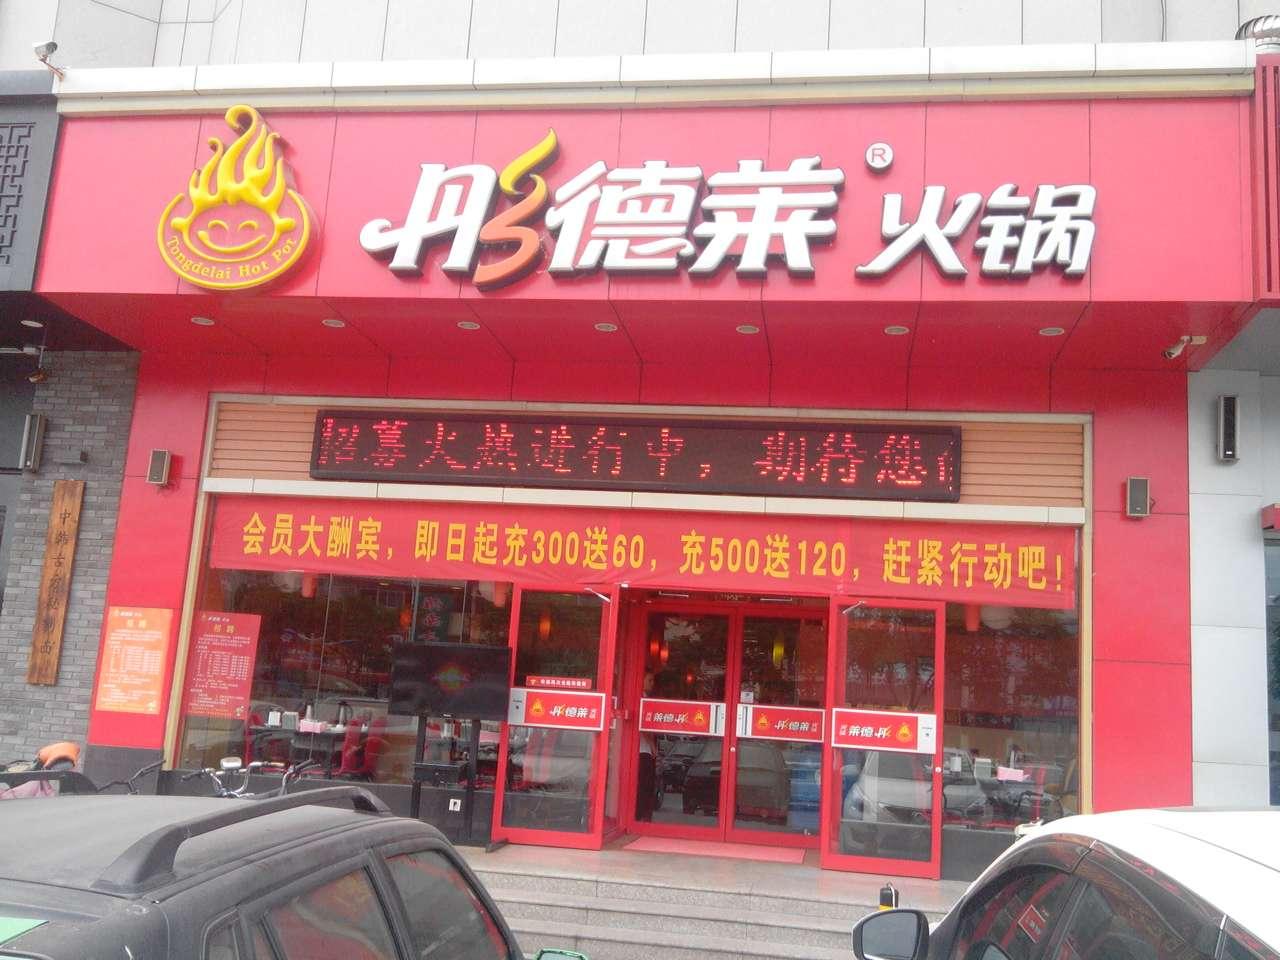 山东省临沂市彤德莱连锁店面